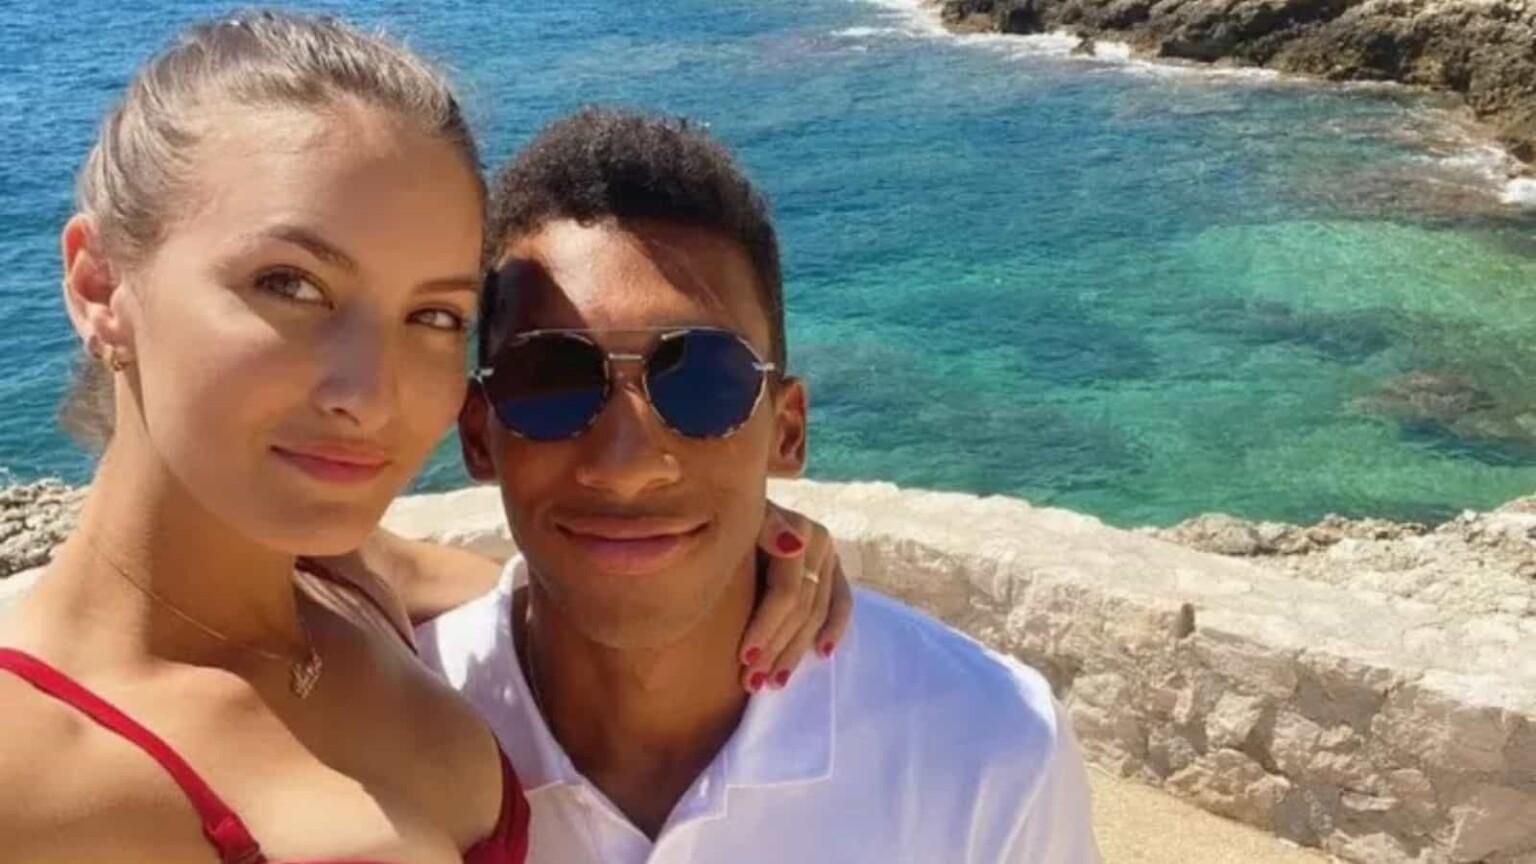 Felix Auger Aliassime med vakker, Kjæreste Nina Ghaibi